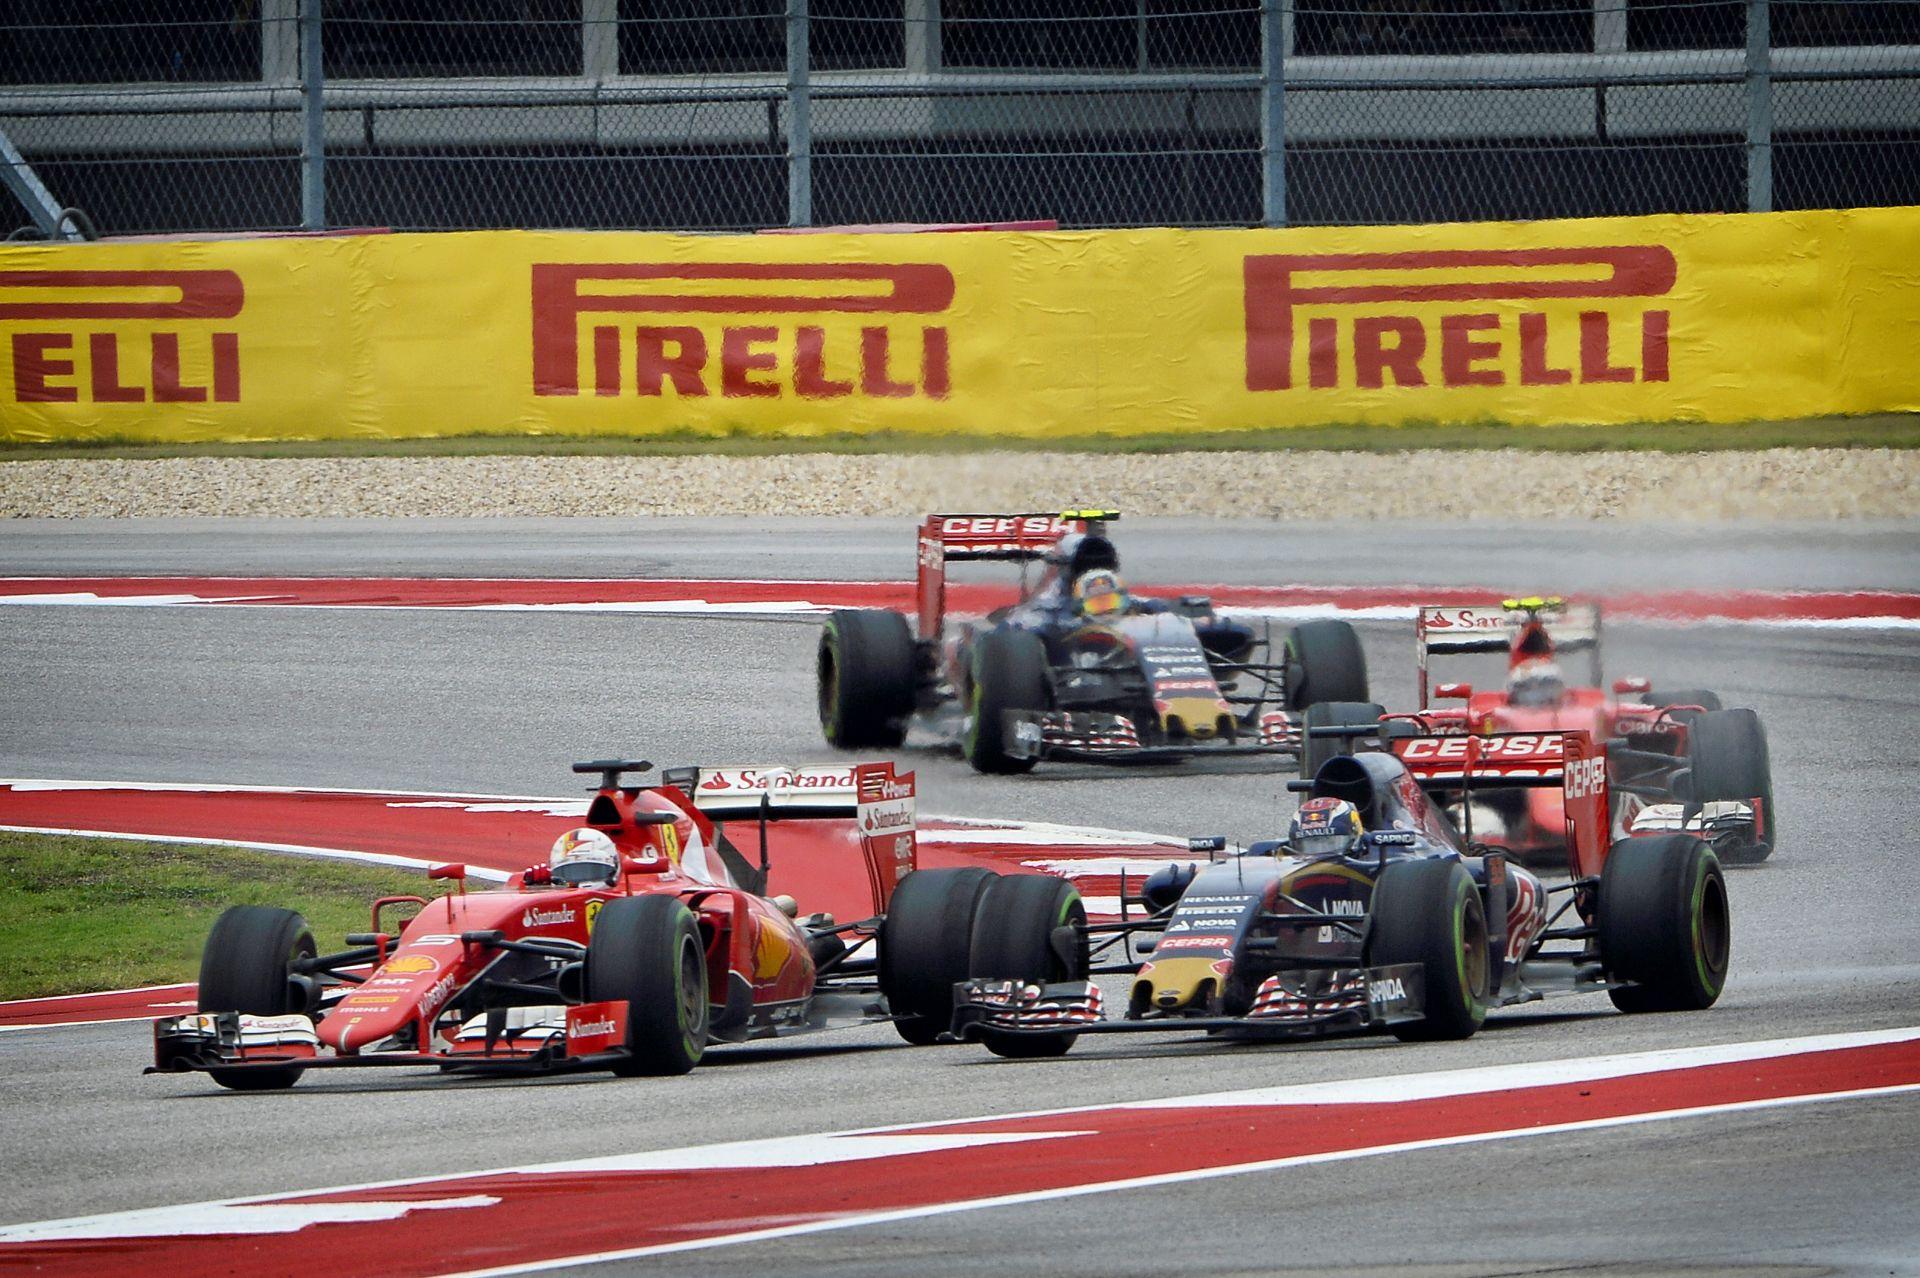 Újítanának az F1-ben: a rajongók dönthetnek a futam legjobbjáról és a legjobb előzésről